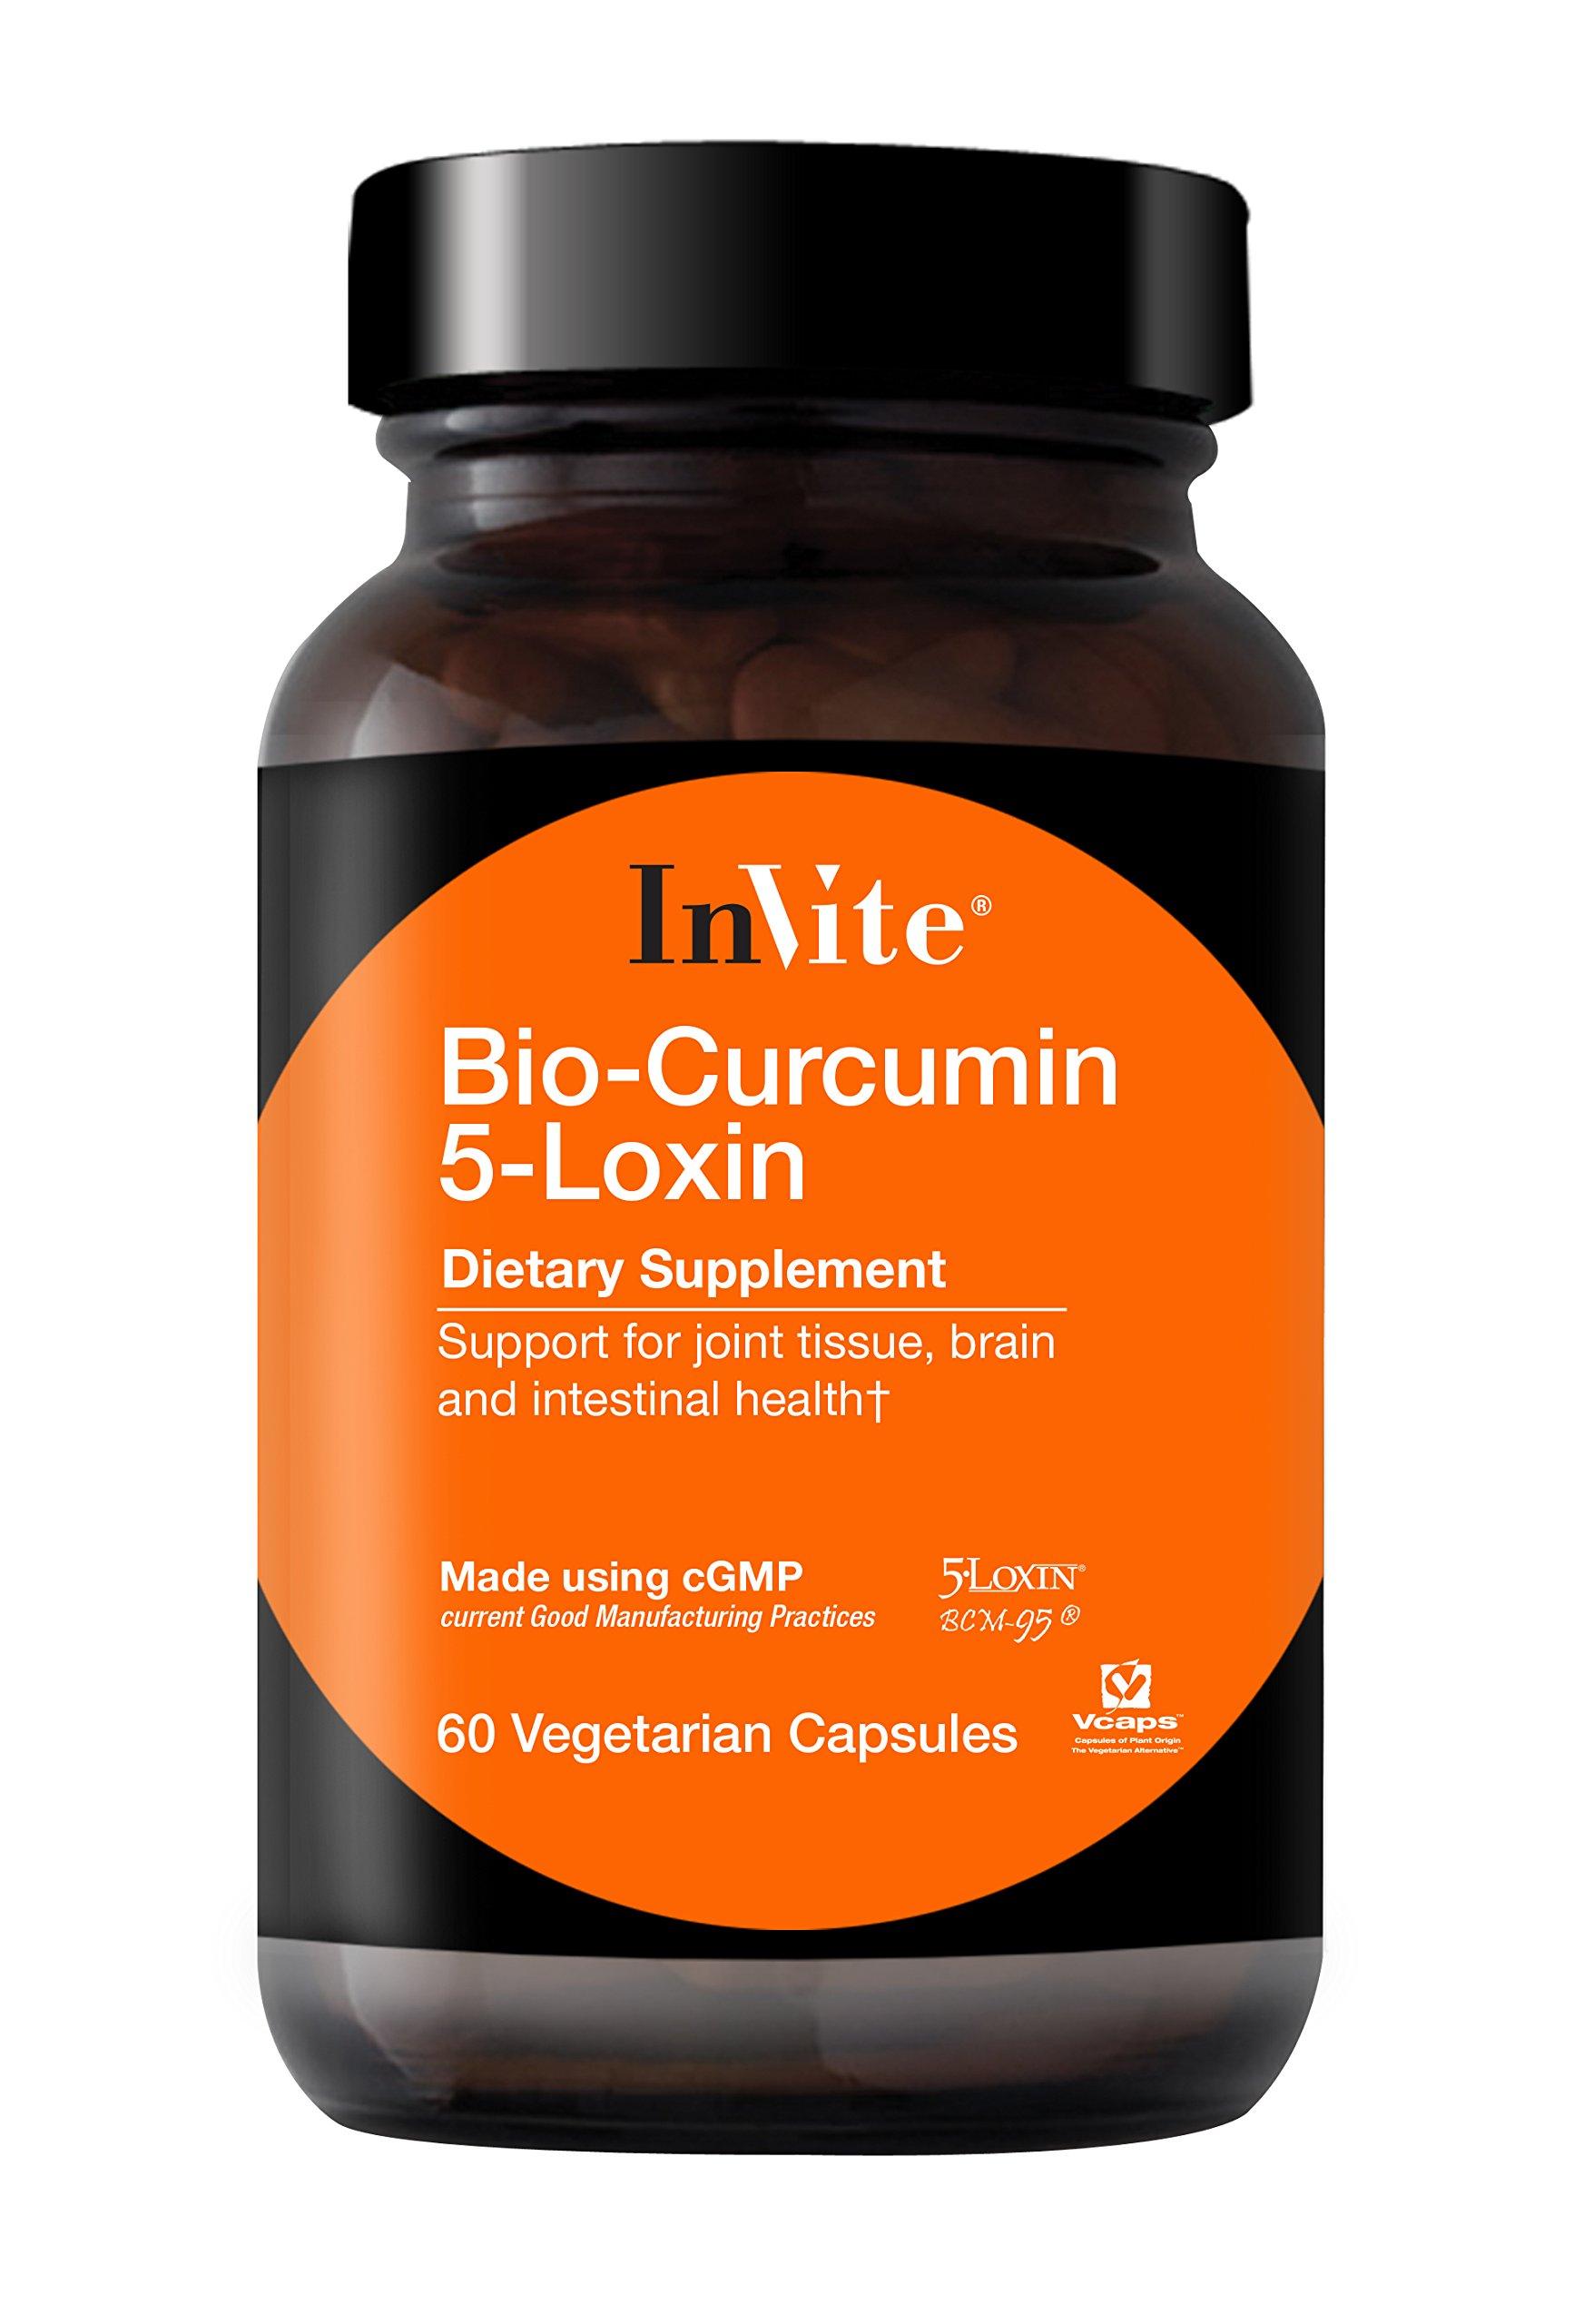 InVite Health Bio-Curcumin & 5-Loxin